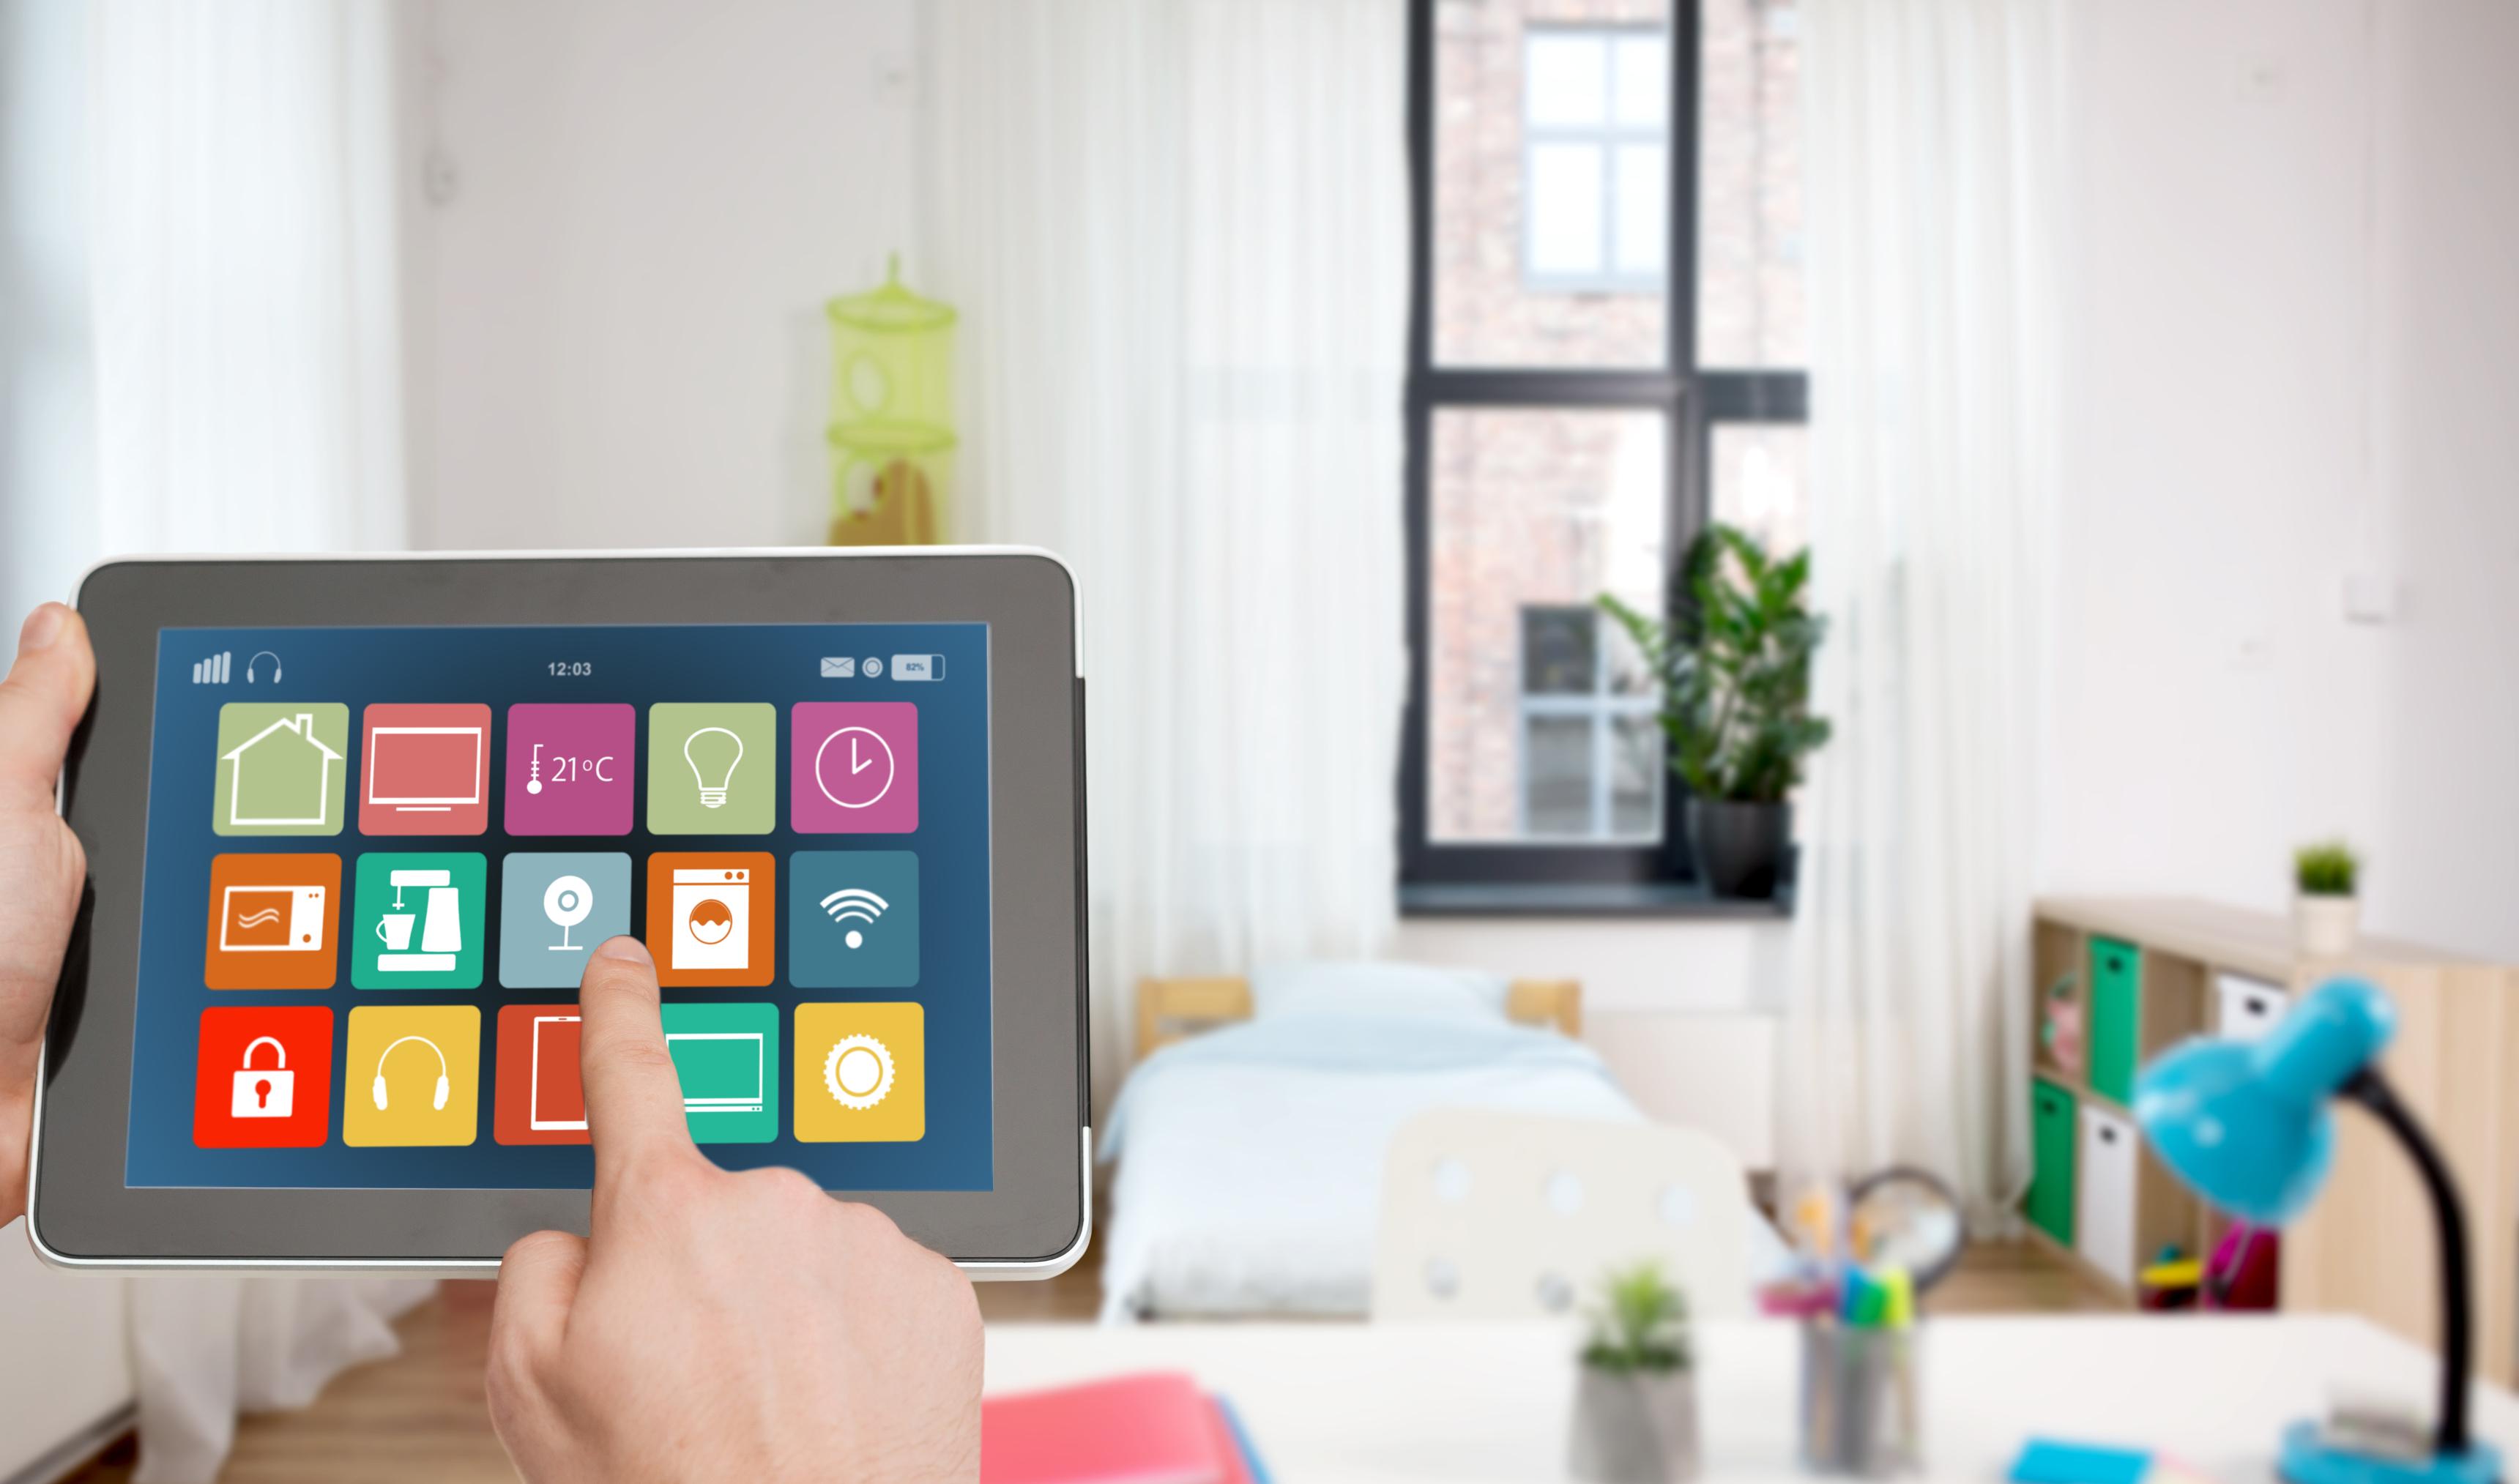 L'inarrestabile crescita della smart home